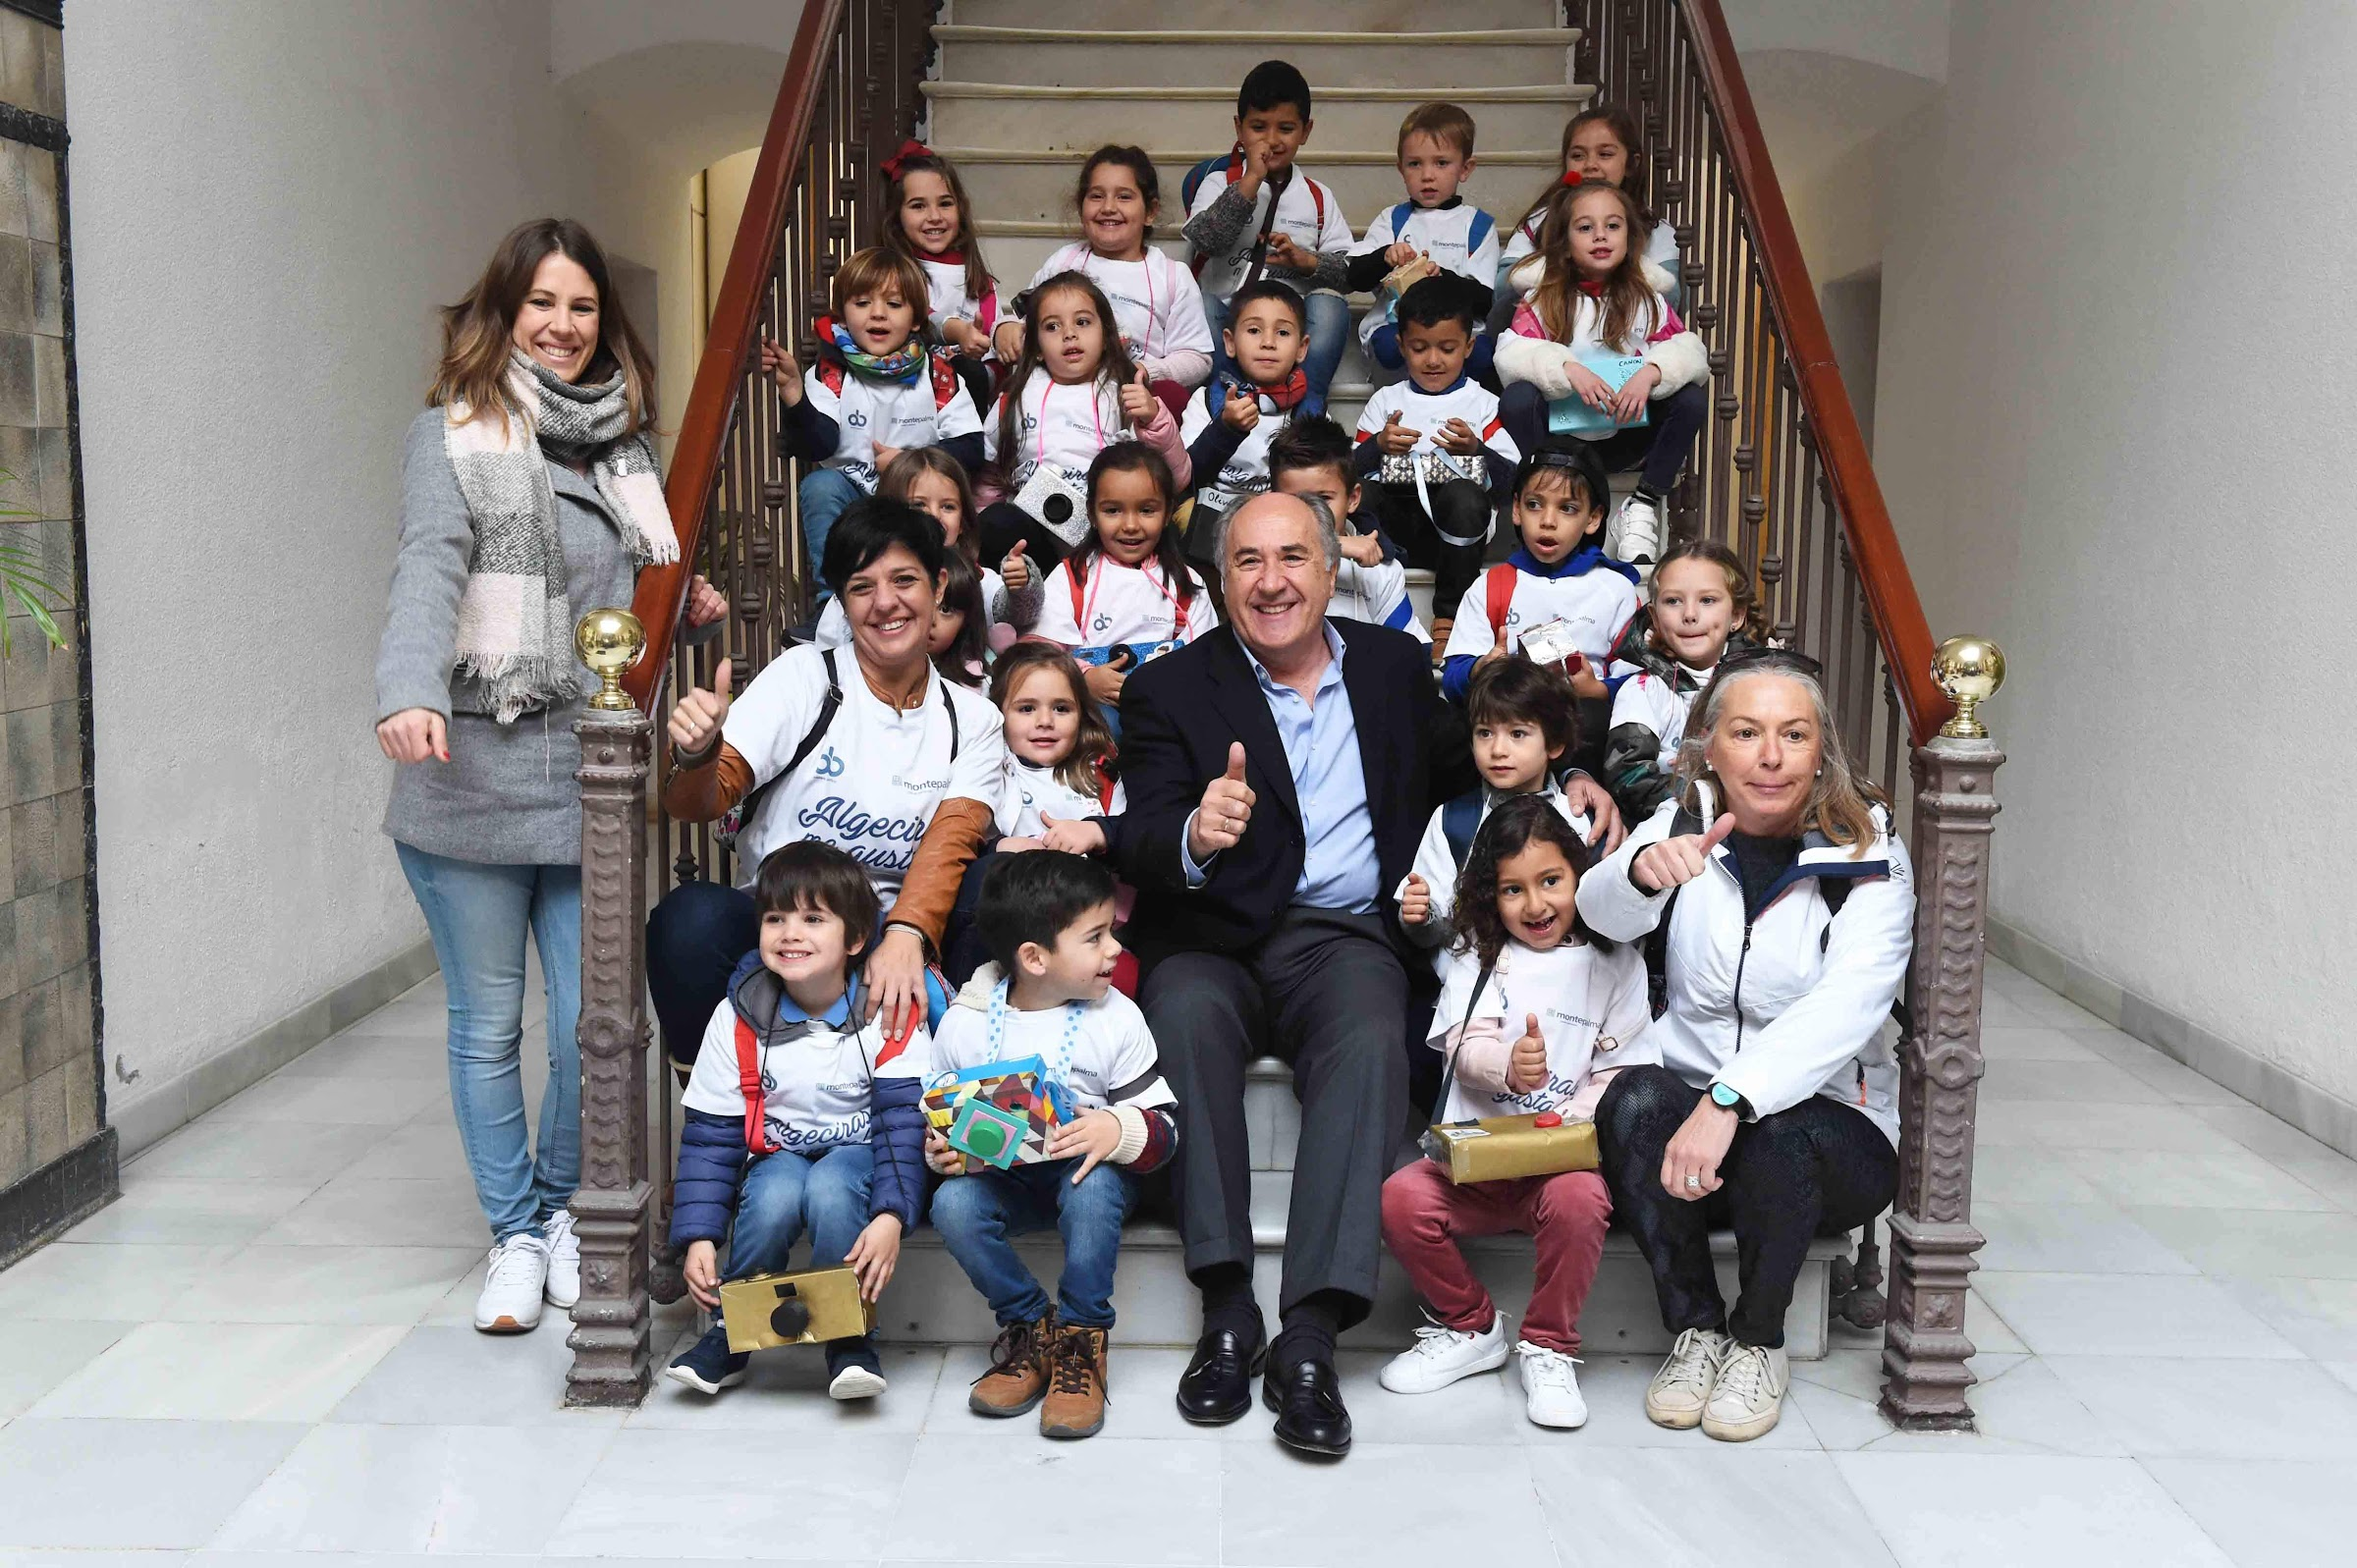 Los alumnos del CEIP San Bernardo visitan el salón de plenos del ayuntamiento